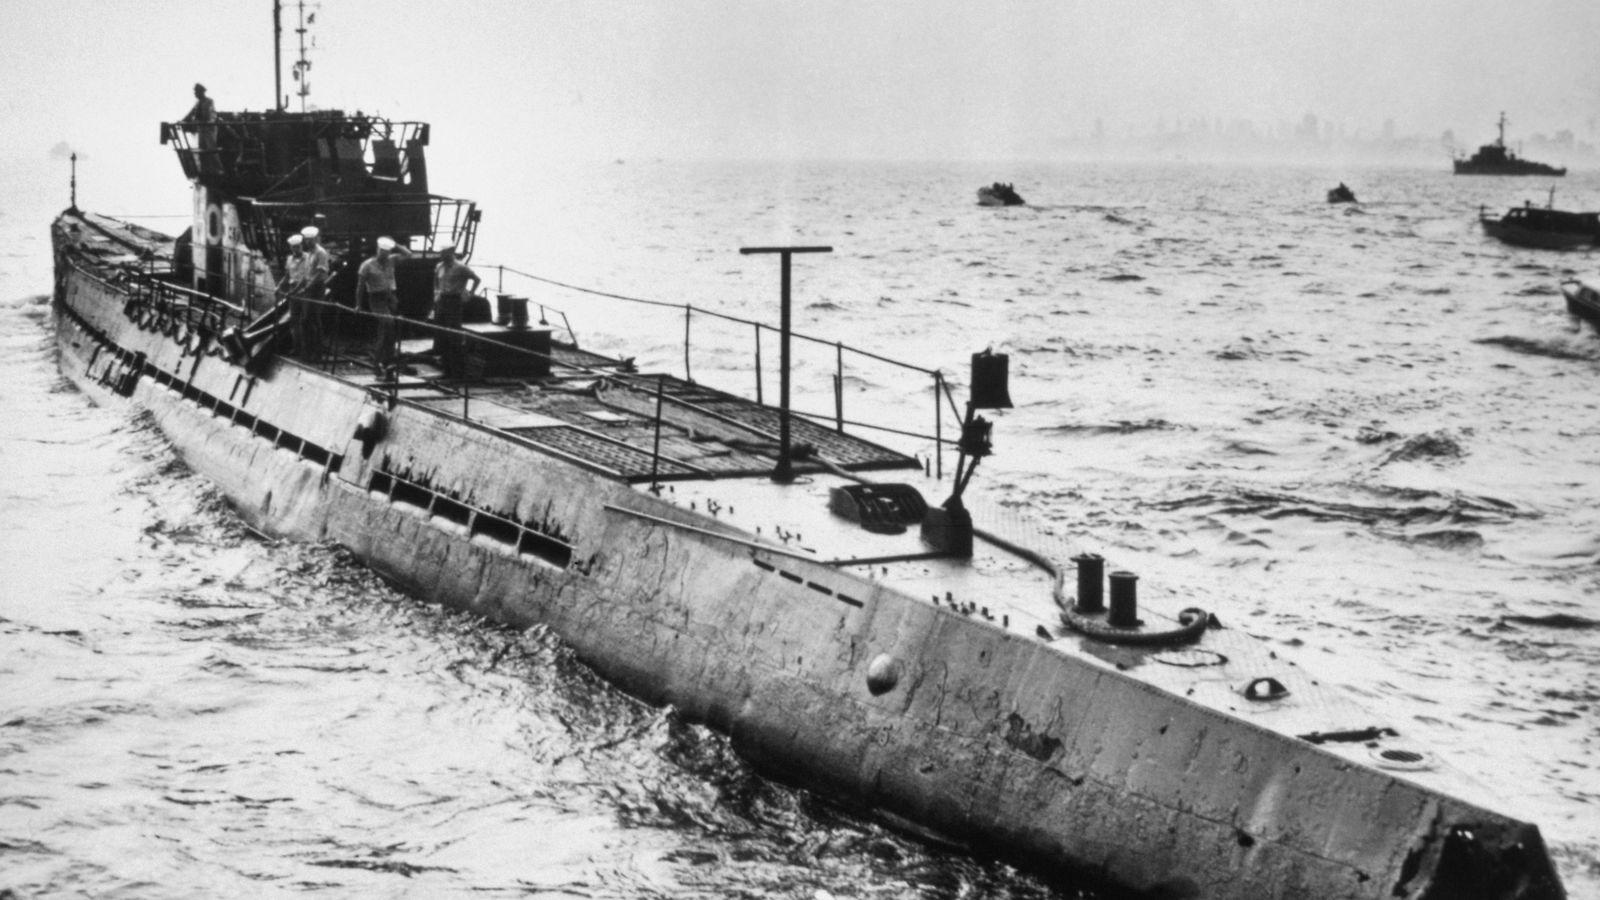 Submarinos alemanes en el Atlántico